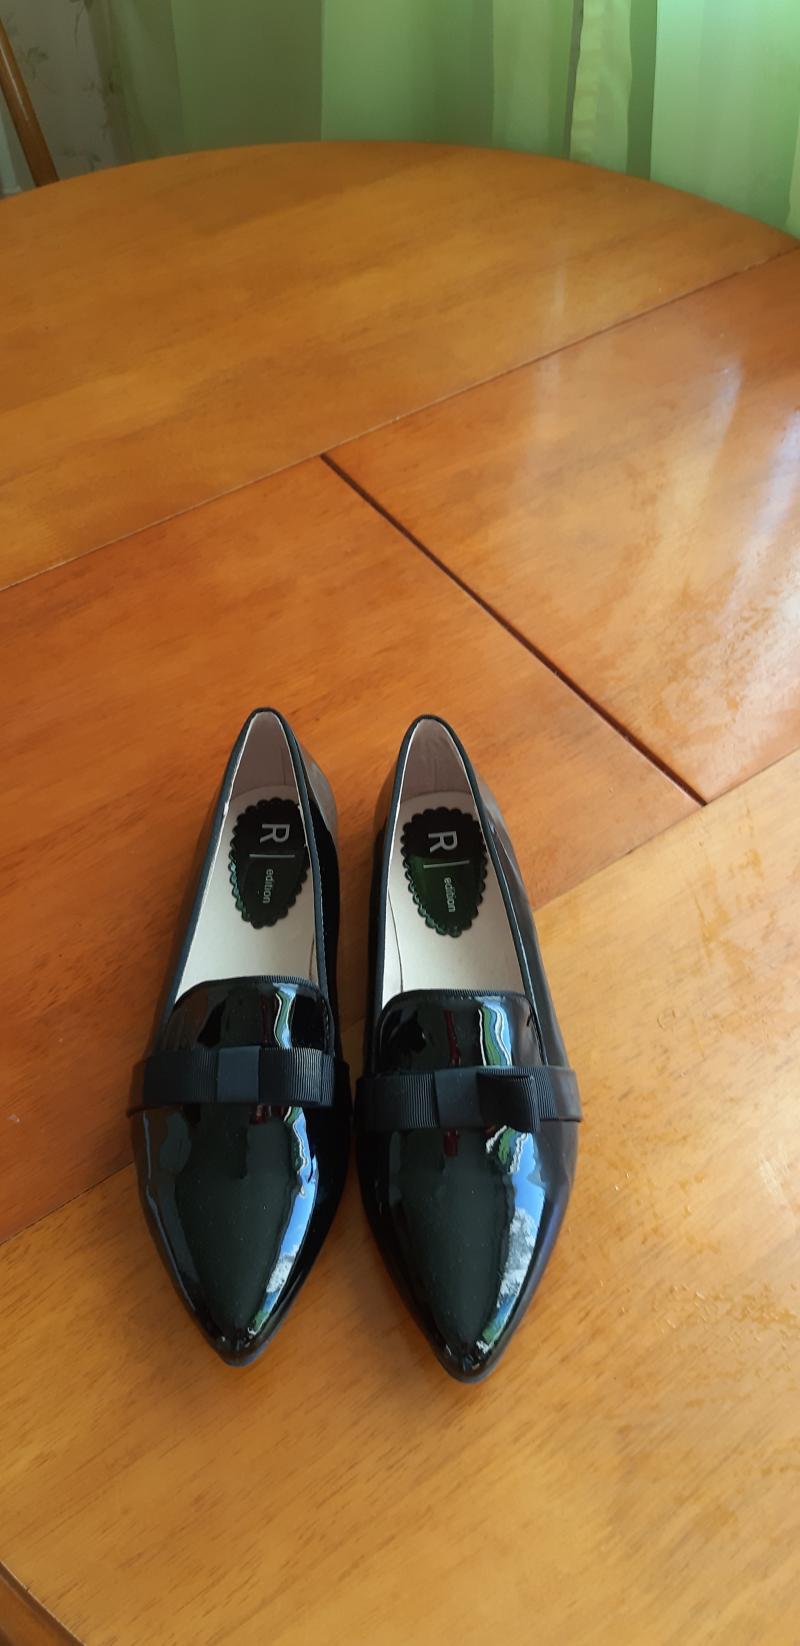 Продается обувь новая цена  договорная.